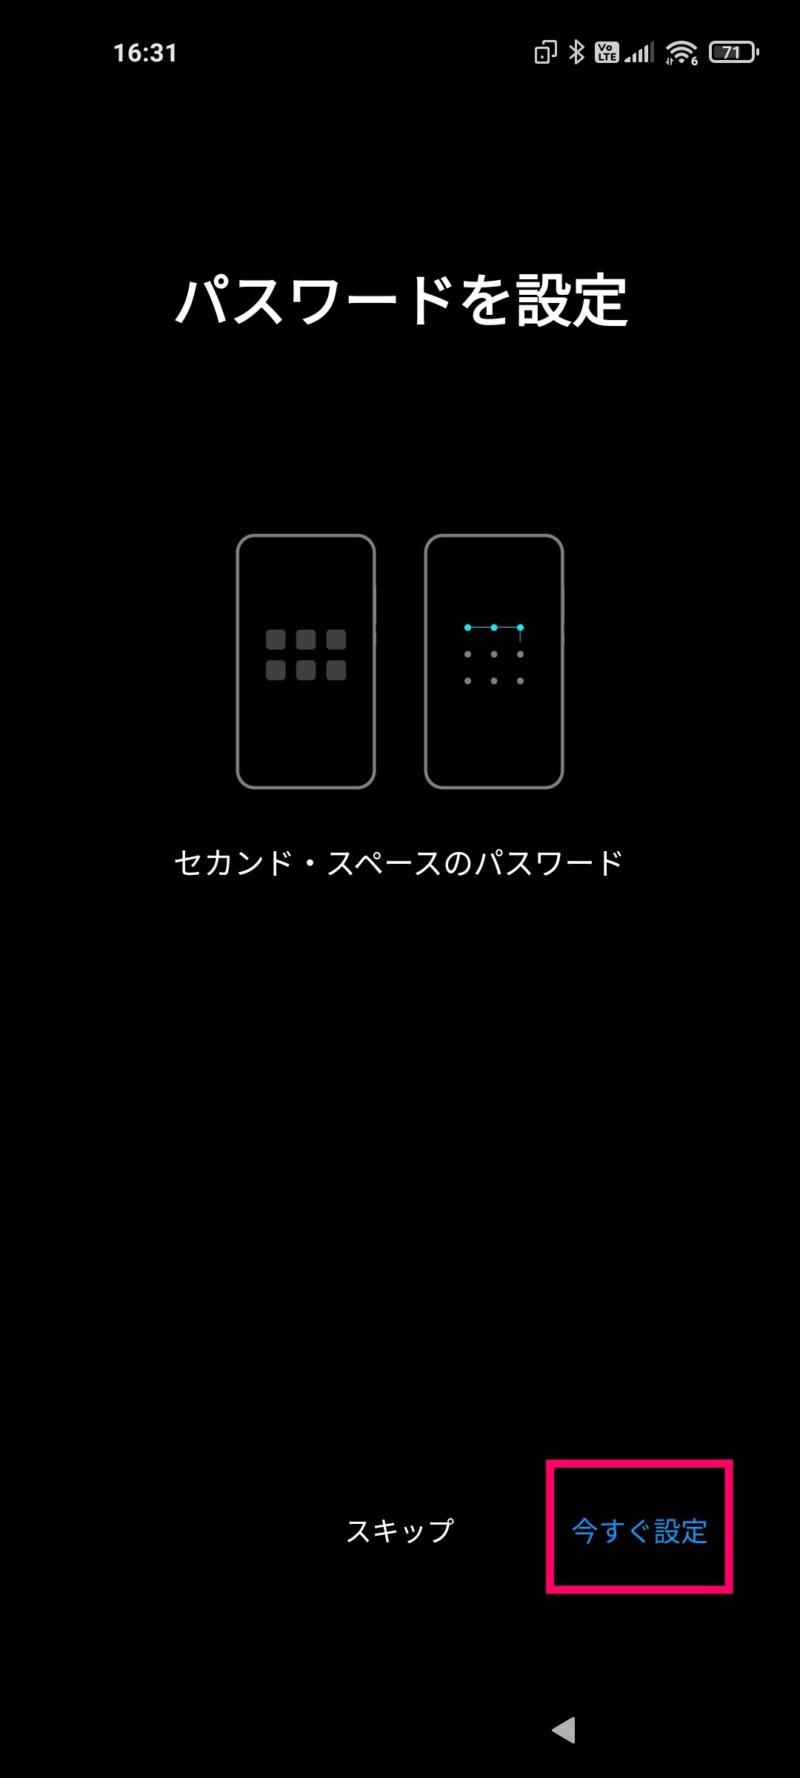 Mi 11 Lite 5Gでセカンドスペース機能を使う方法7